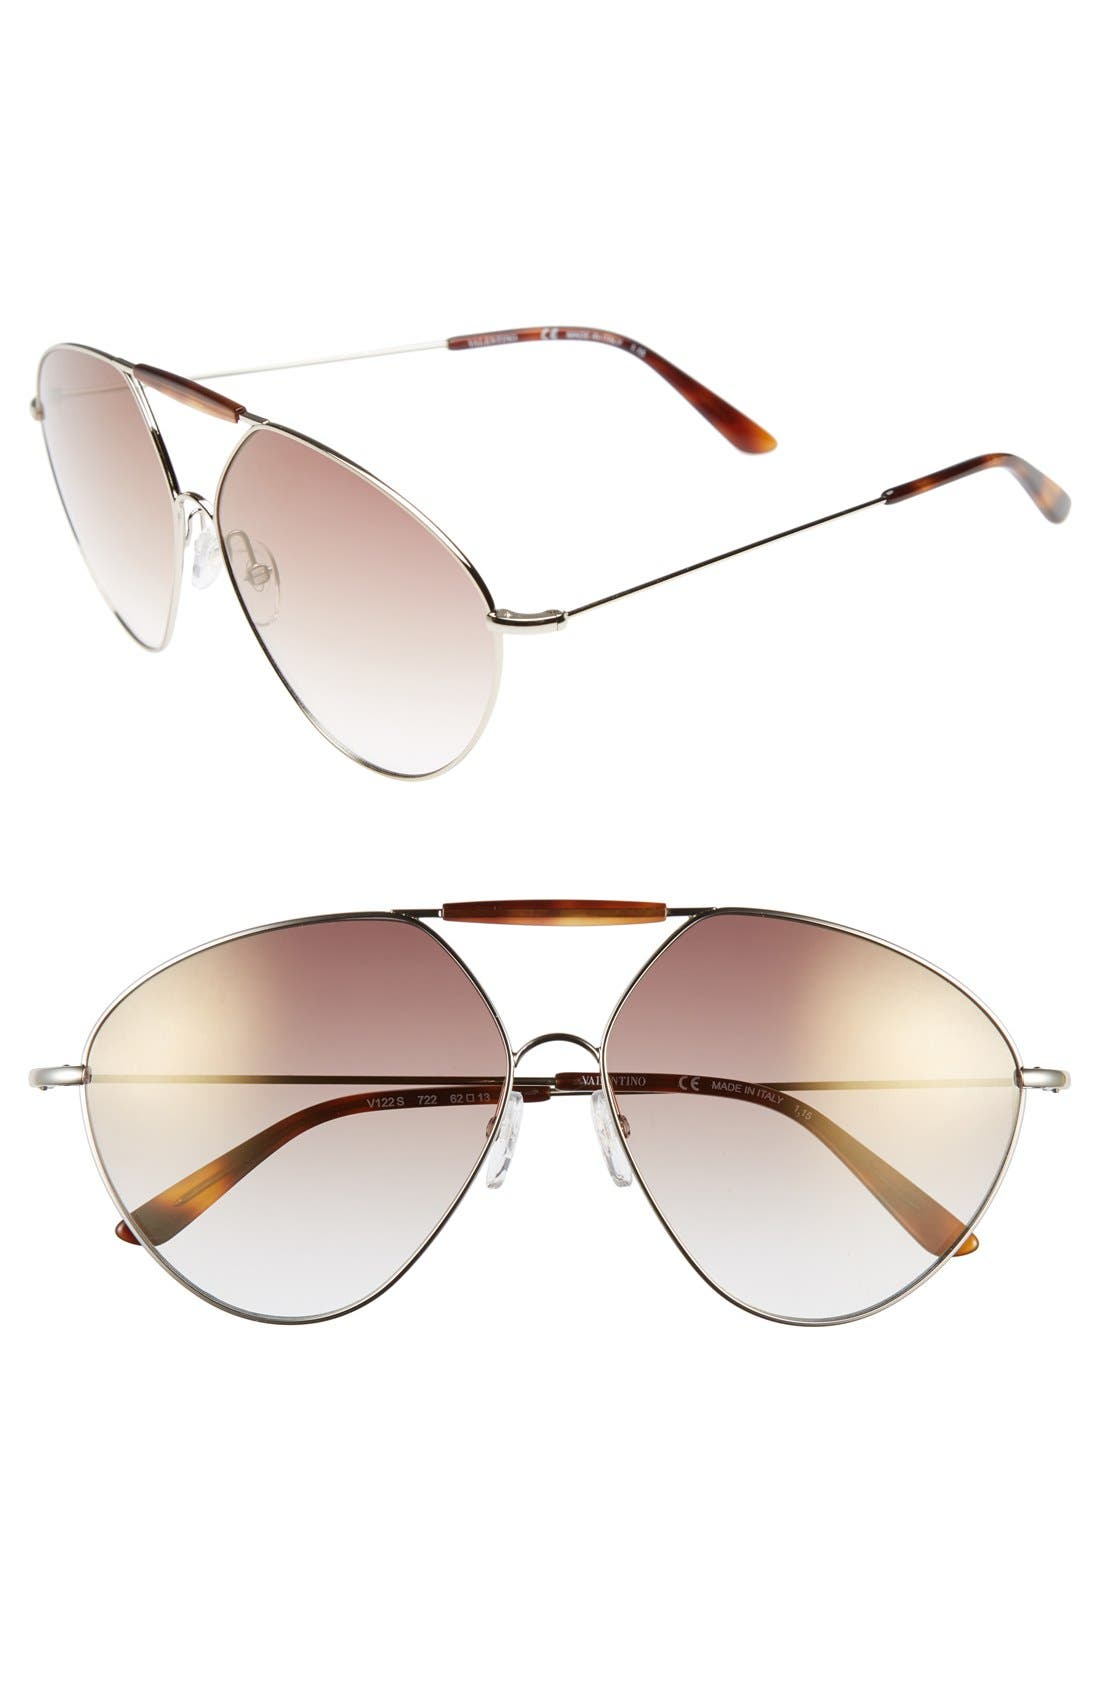 Main Image - Valentino 'Runway' 62mm Aviator Sunglasses